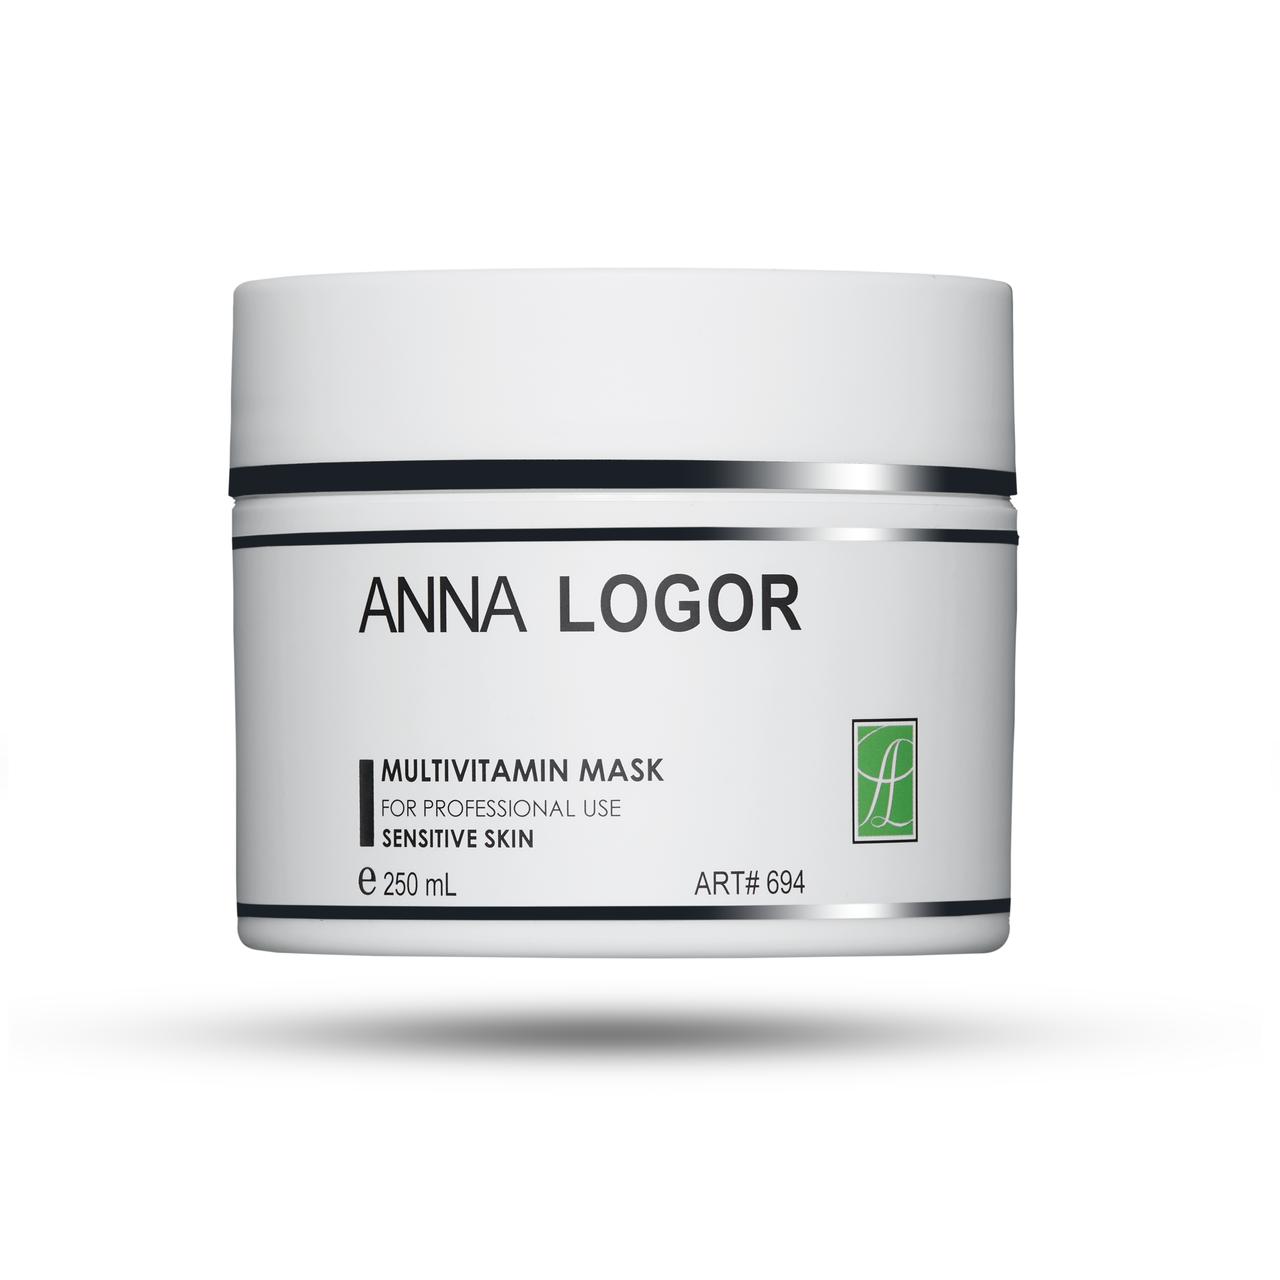 Мультивітамінна гелева маска для чутливої шкіри Анна Логор / Anna Logor Multivitamin Mask Код 694